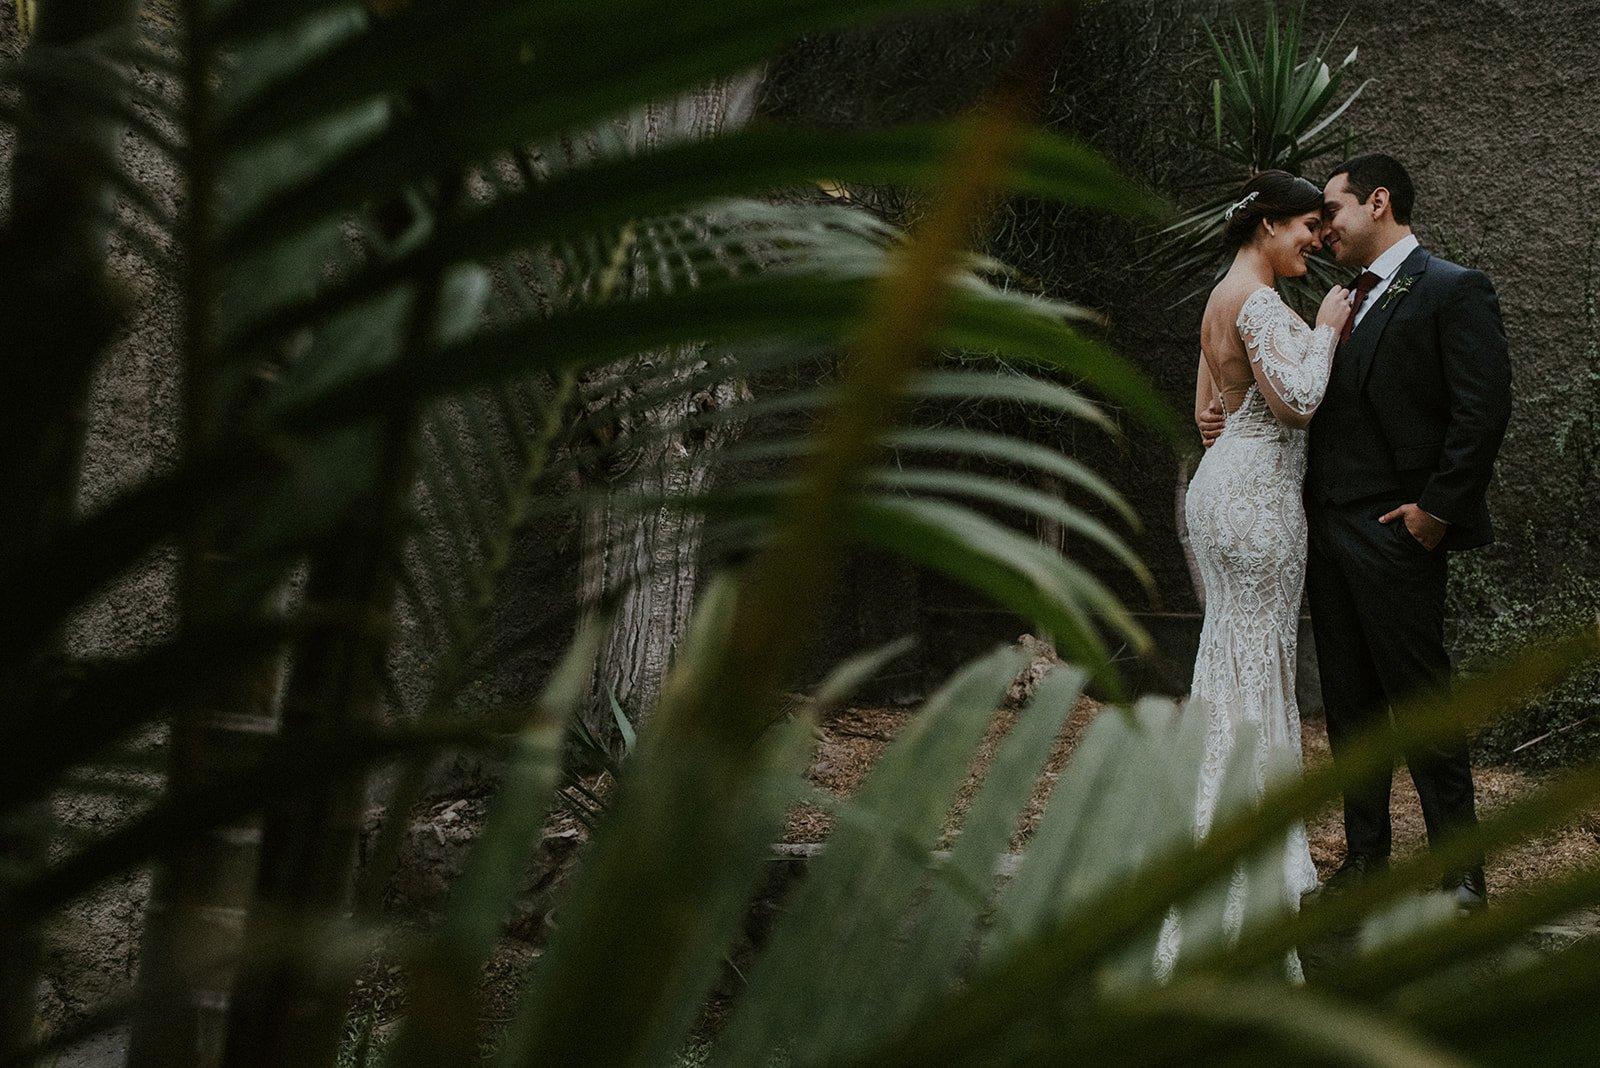 fotógrafos de boda en lima peru